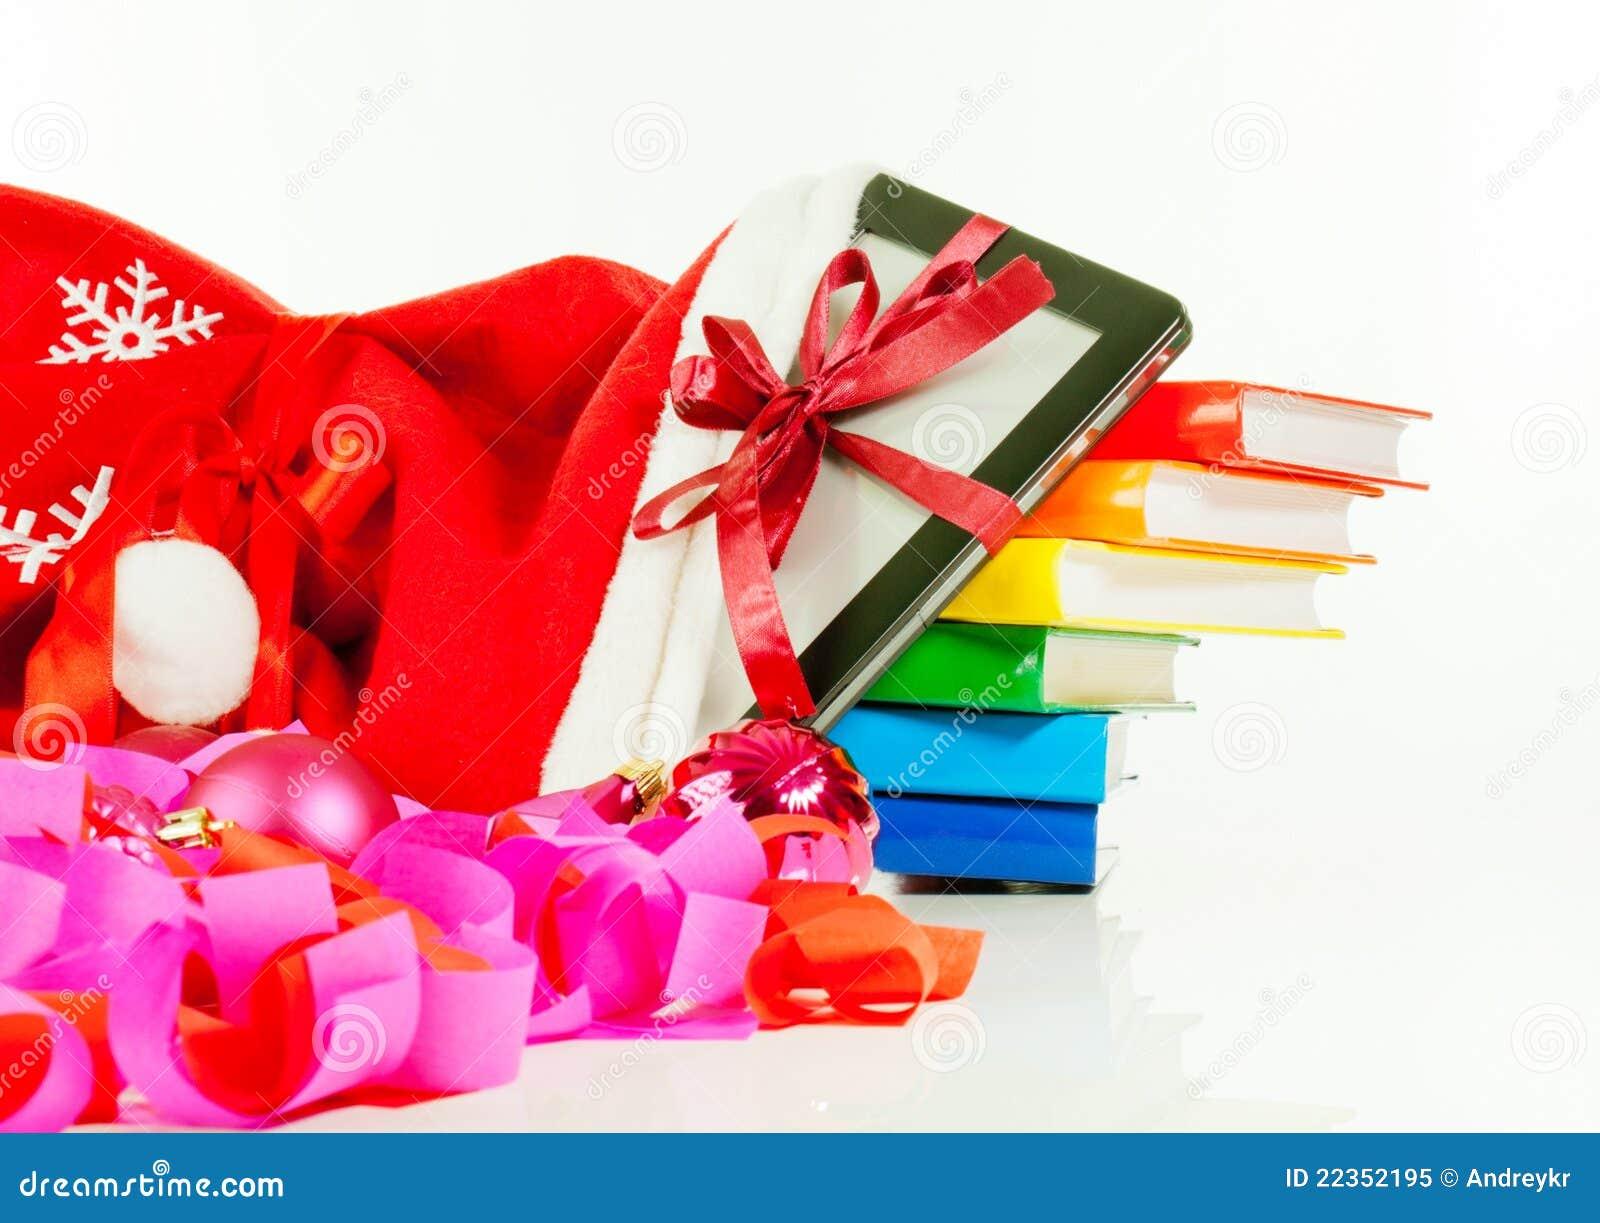 袋子书登记电子阅读程序栈